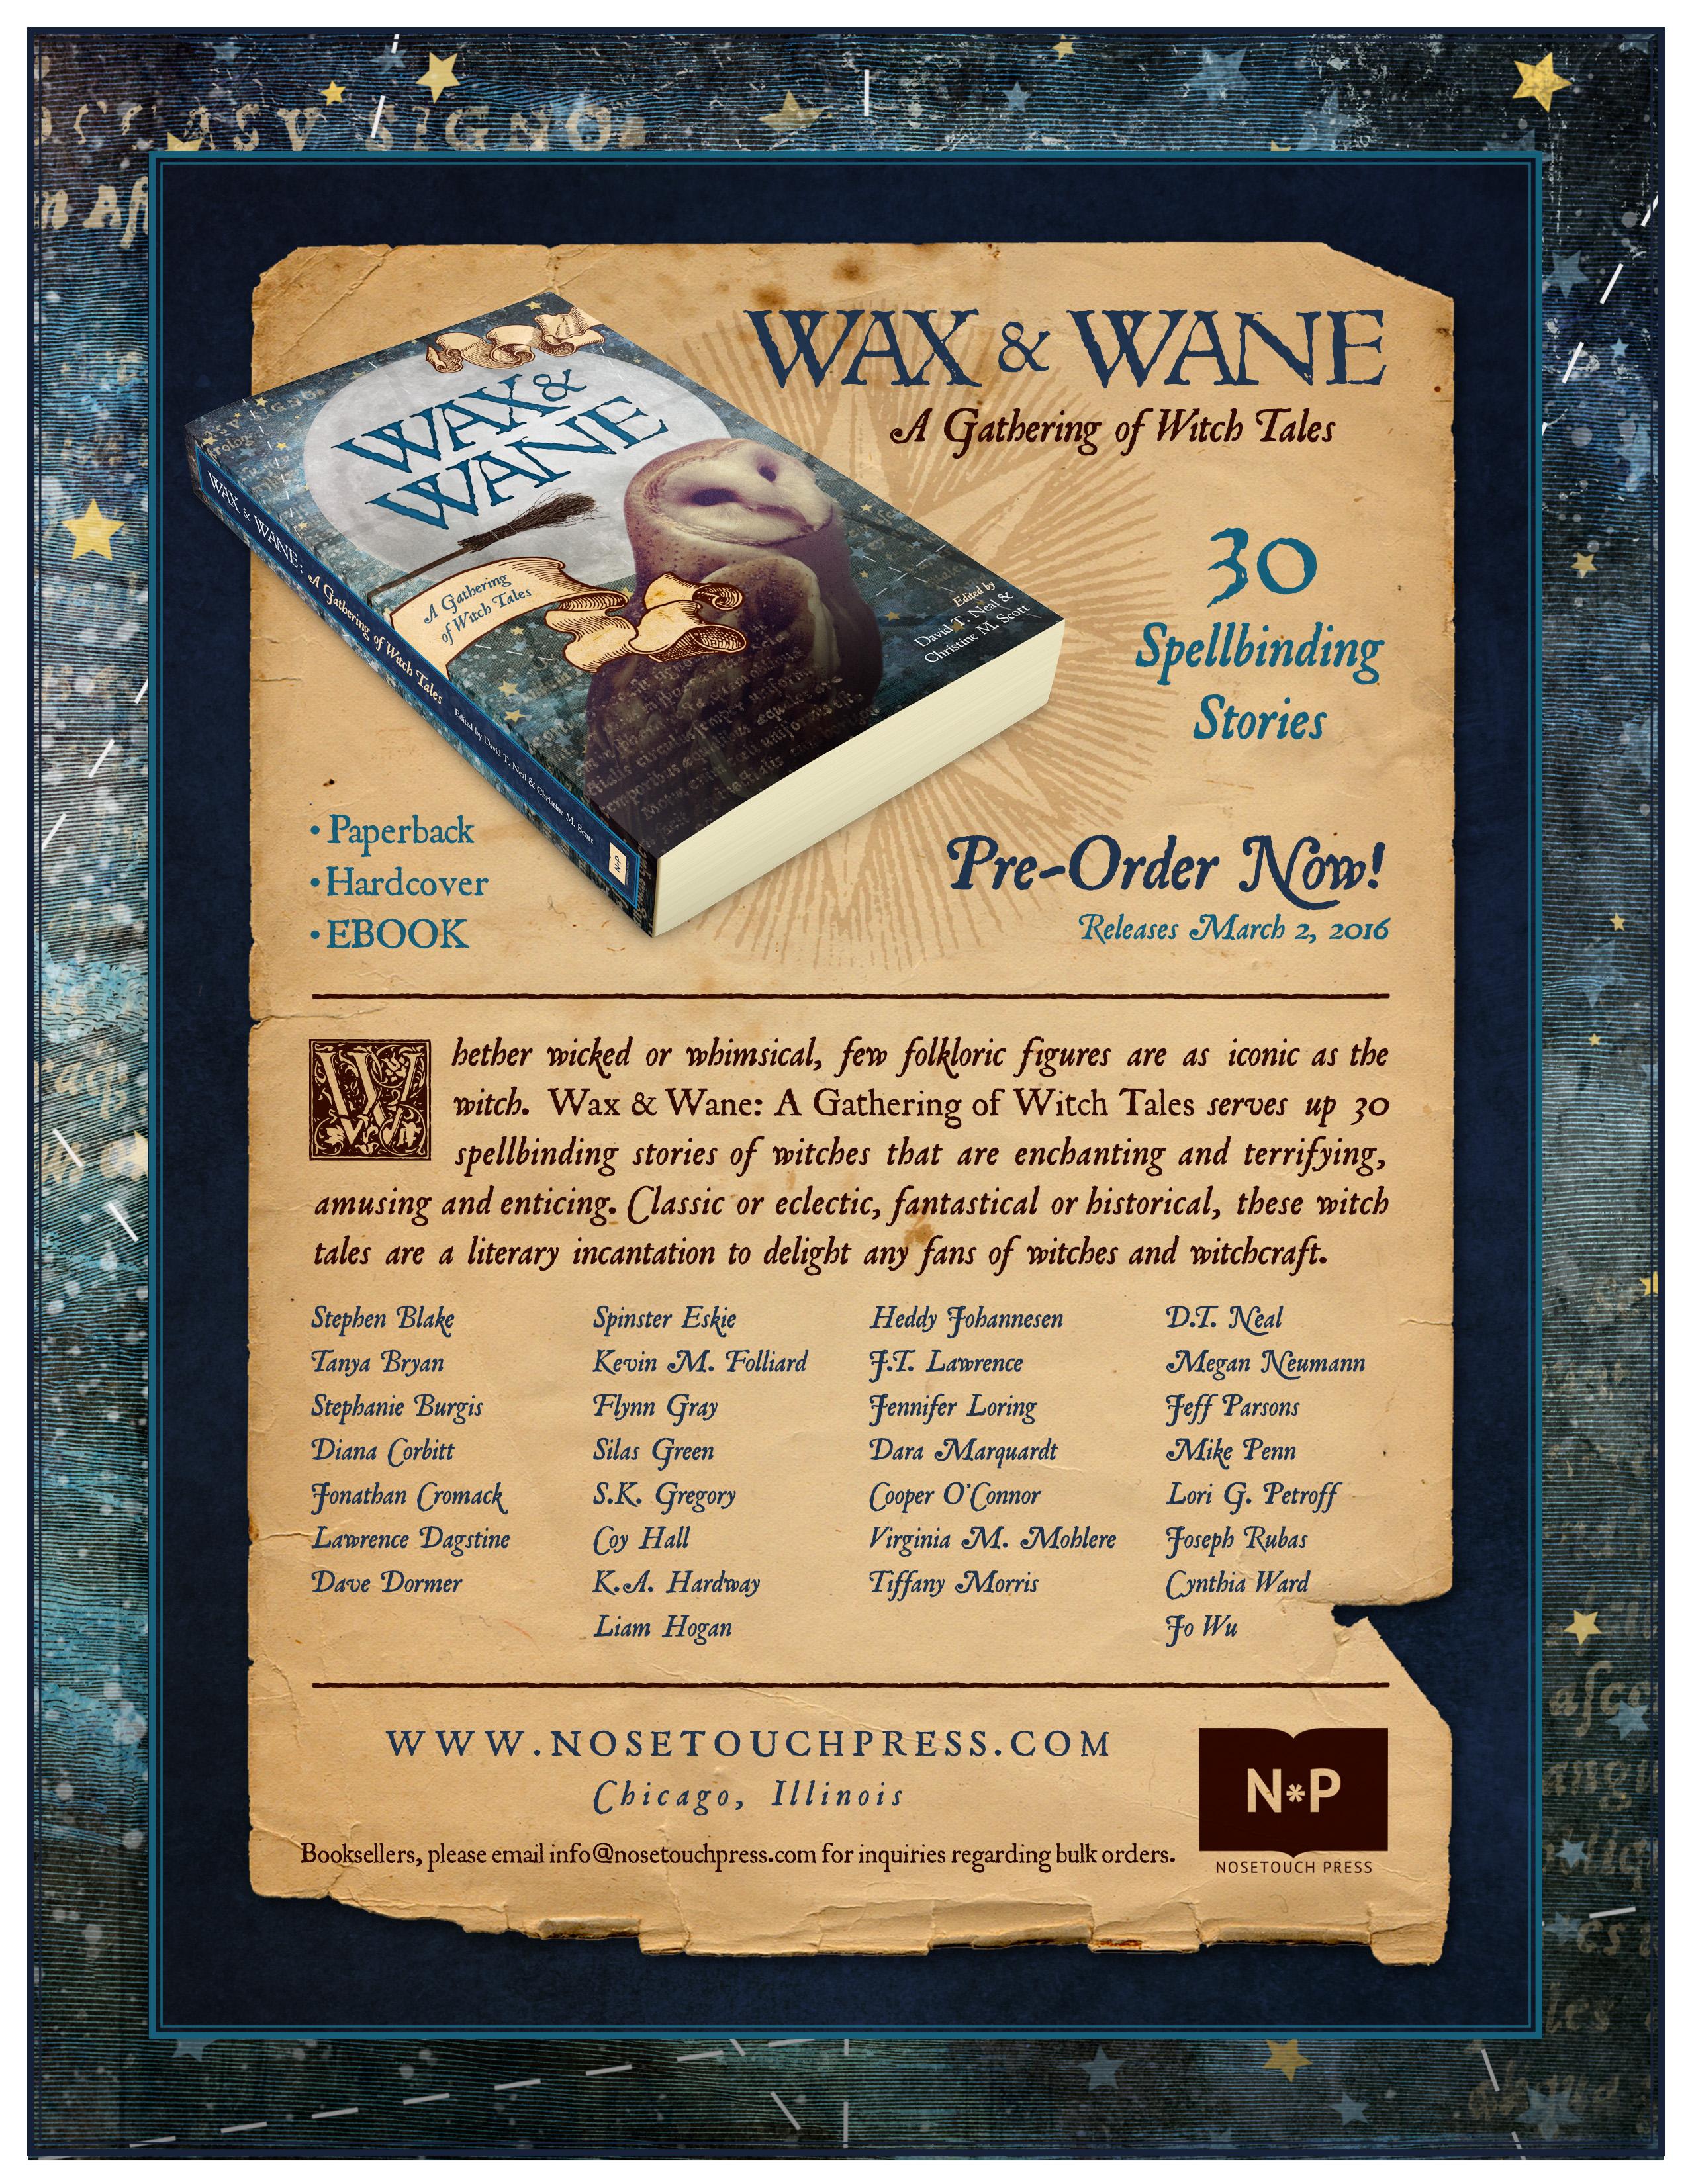 Wax & Wane Contributors